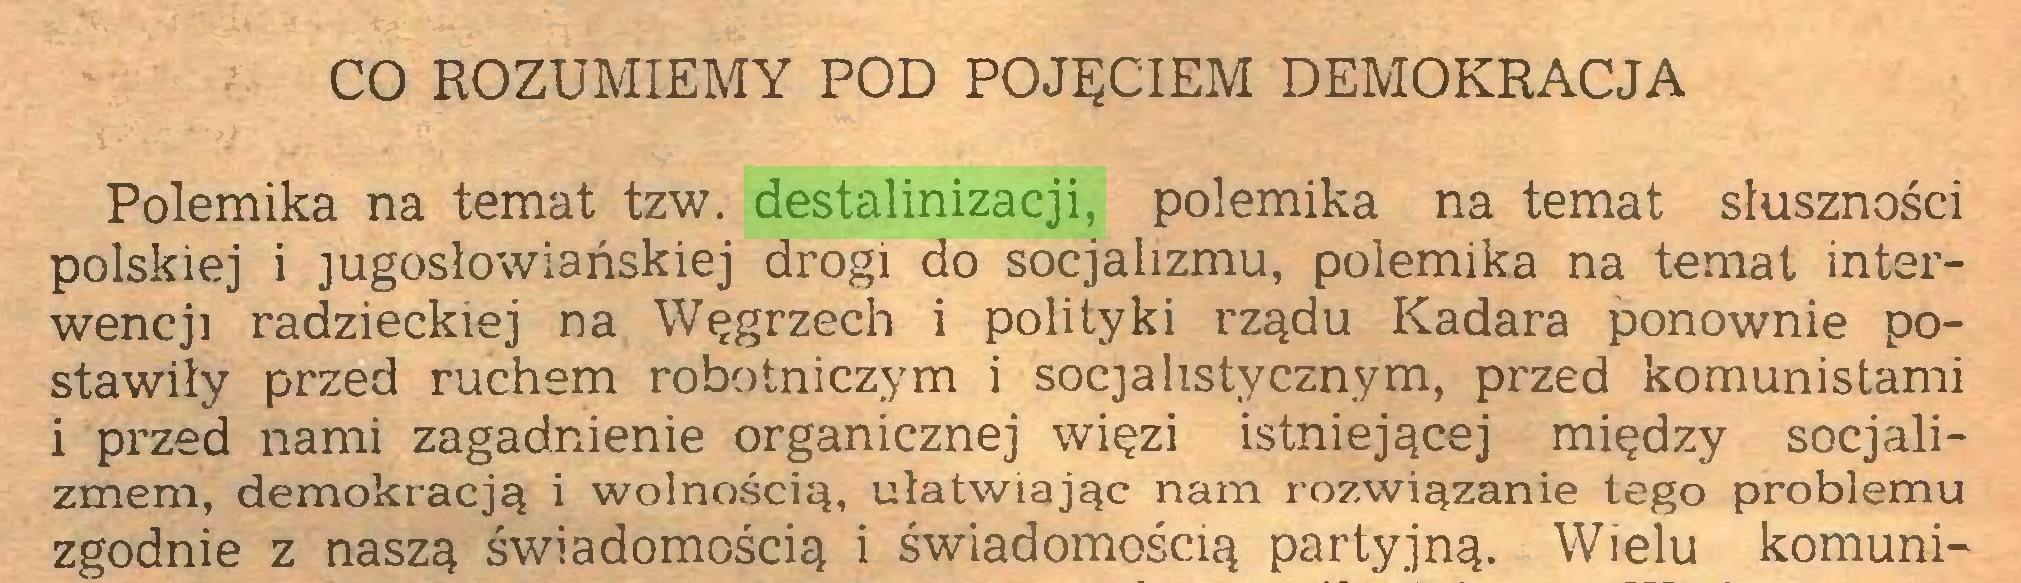 (...) CO ROZUMIEMY POD POJĘCIEM DEMOKRACJA Polemika na temat tzw. destalinizacji, polemika na temat słuszności polskiej i jugosłowiańskiej drogi do socjalizmu, polemika na temat interwencji radzieckiej na Węgrzech i polityki rządu Kadara ponownie postawiły przed ruchem robotniczym i socjalistycznym, przed komunistami i przed nami zagadnienie organicznej więzi istniejącej między socjalizmem, demokracją i wolnością, ułatwiając nam rozwiązanie tego problemu zgodnie z naszą świadomością i świadomością partyjną. Wielu komuni...